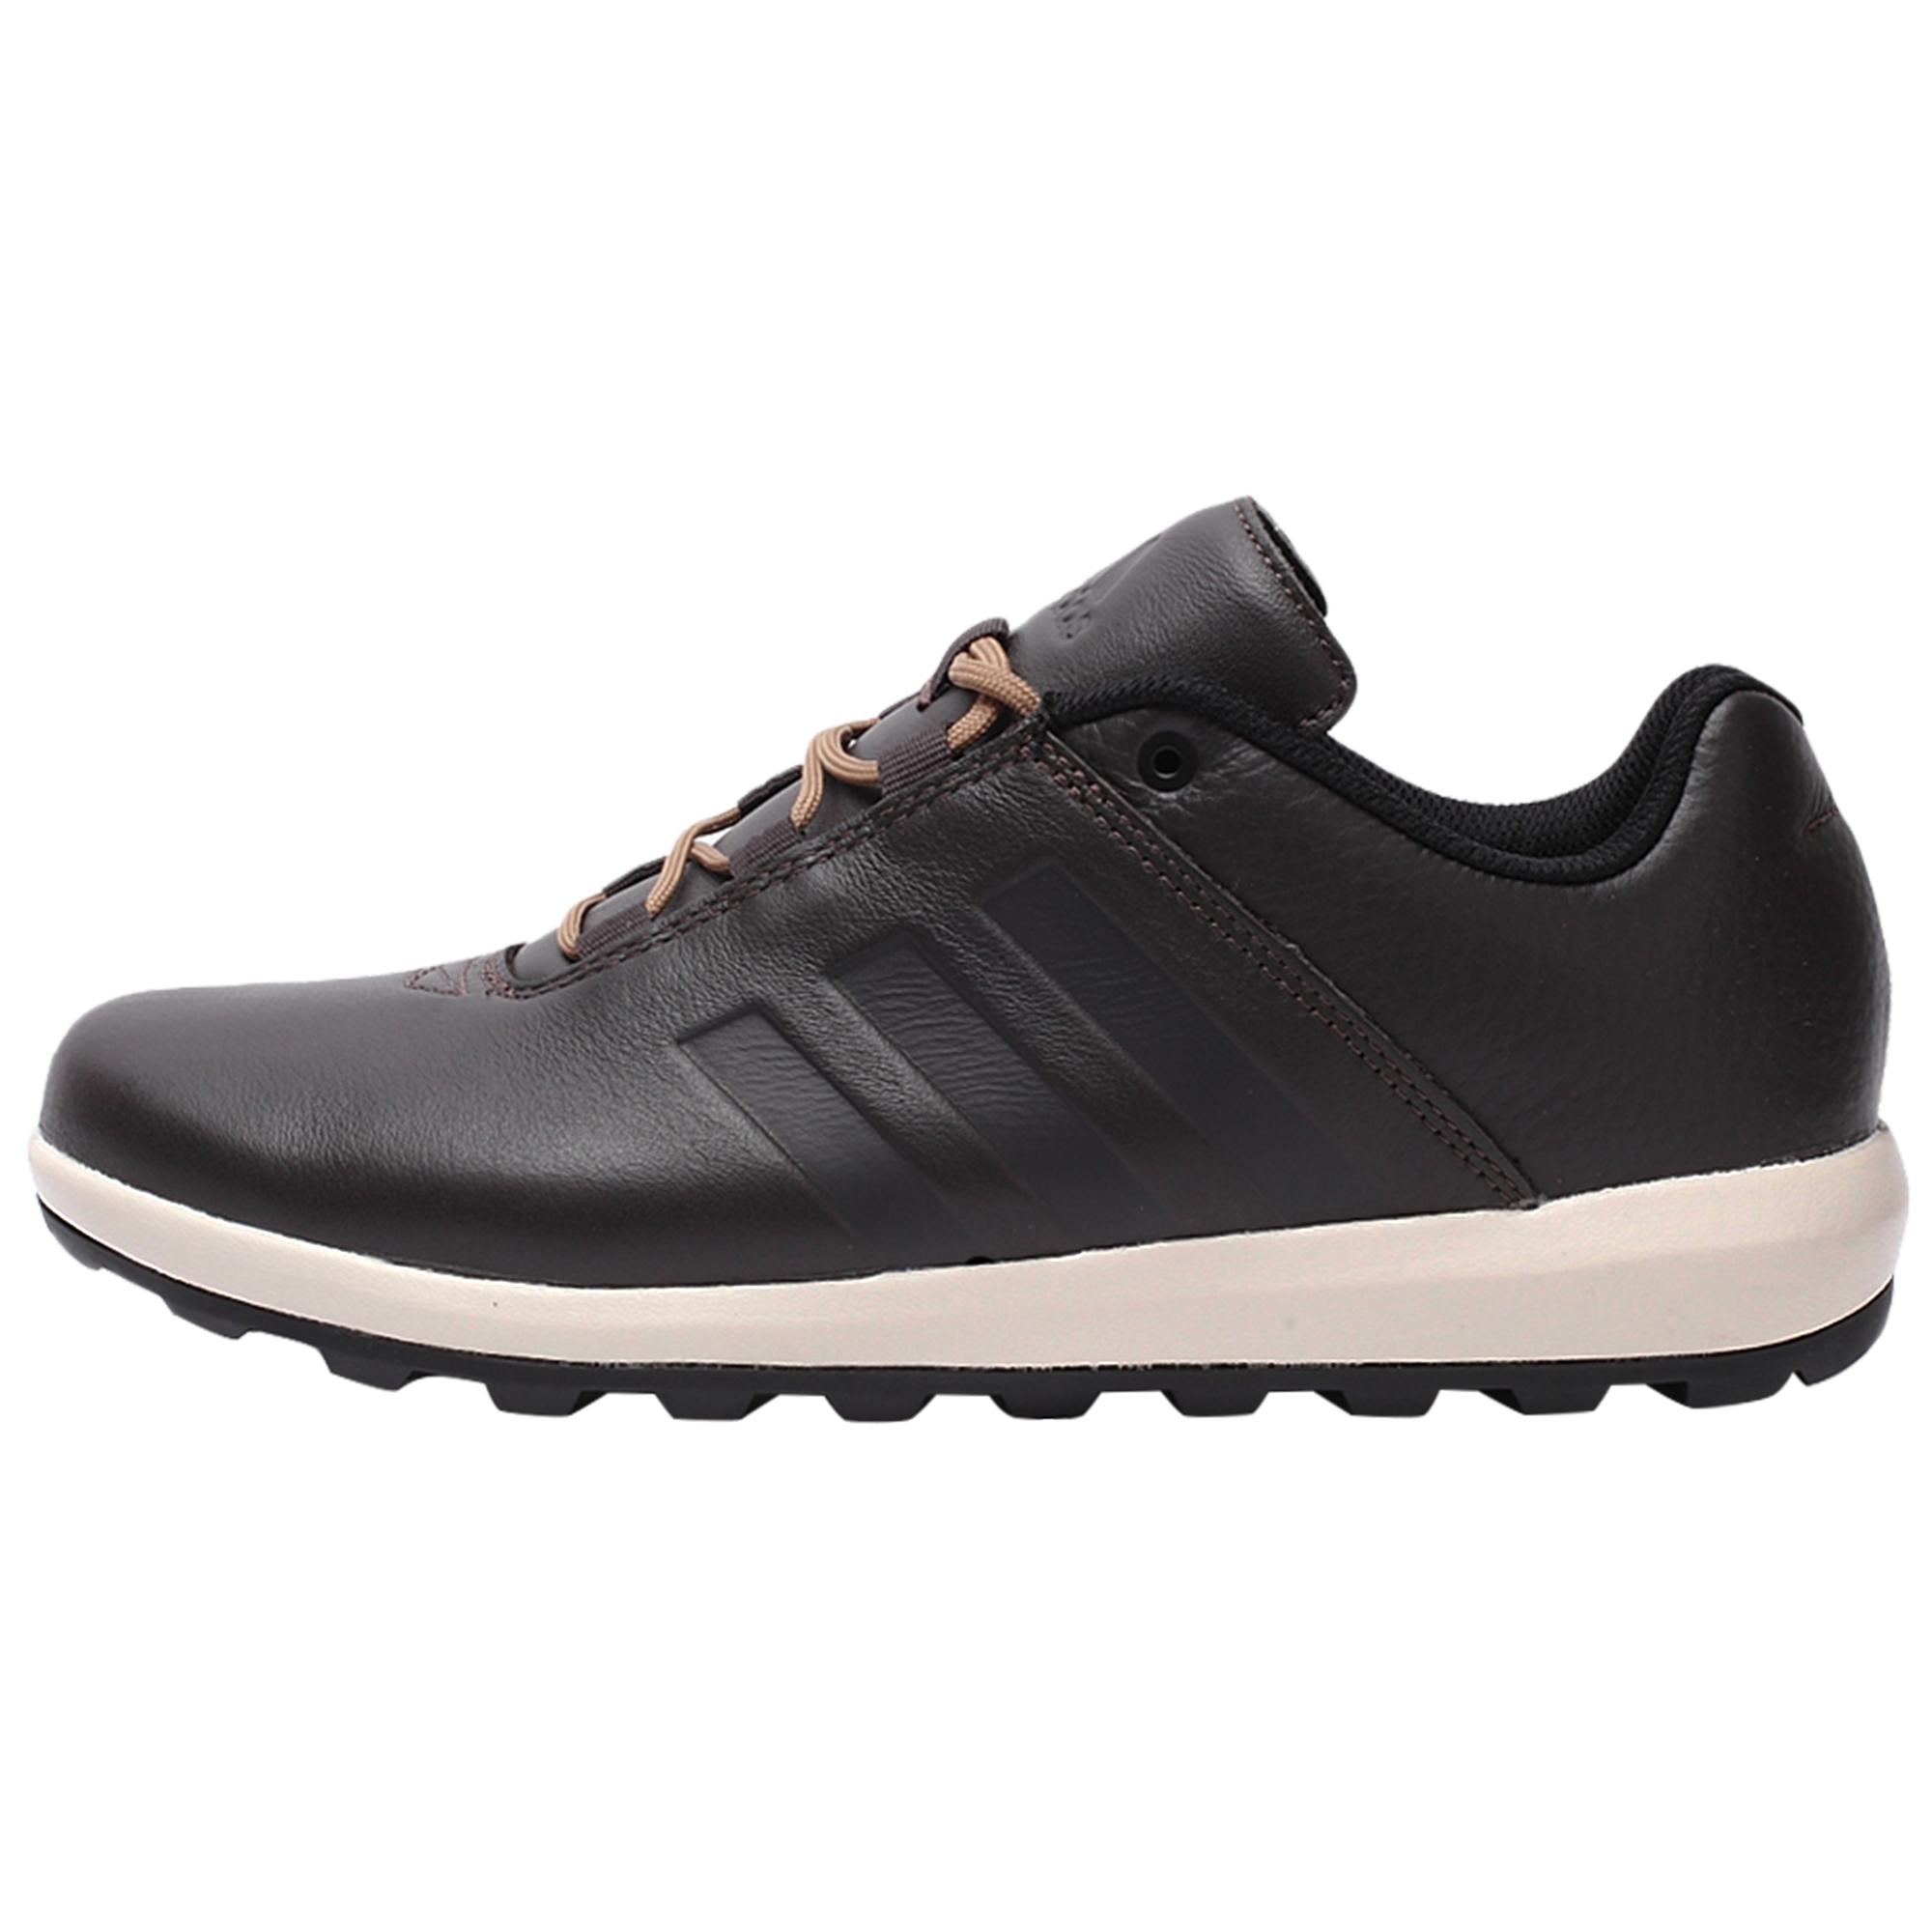 Adidas Zappan 2 Outdoor Ayakkabı